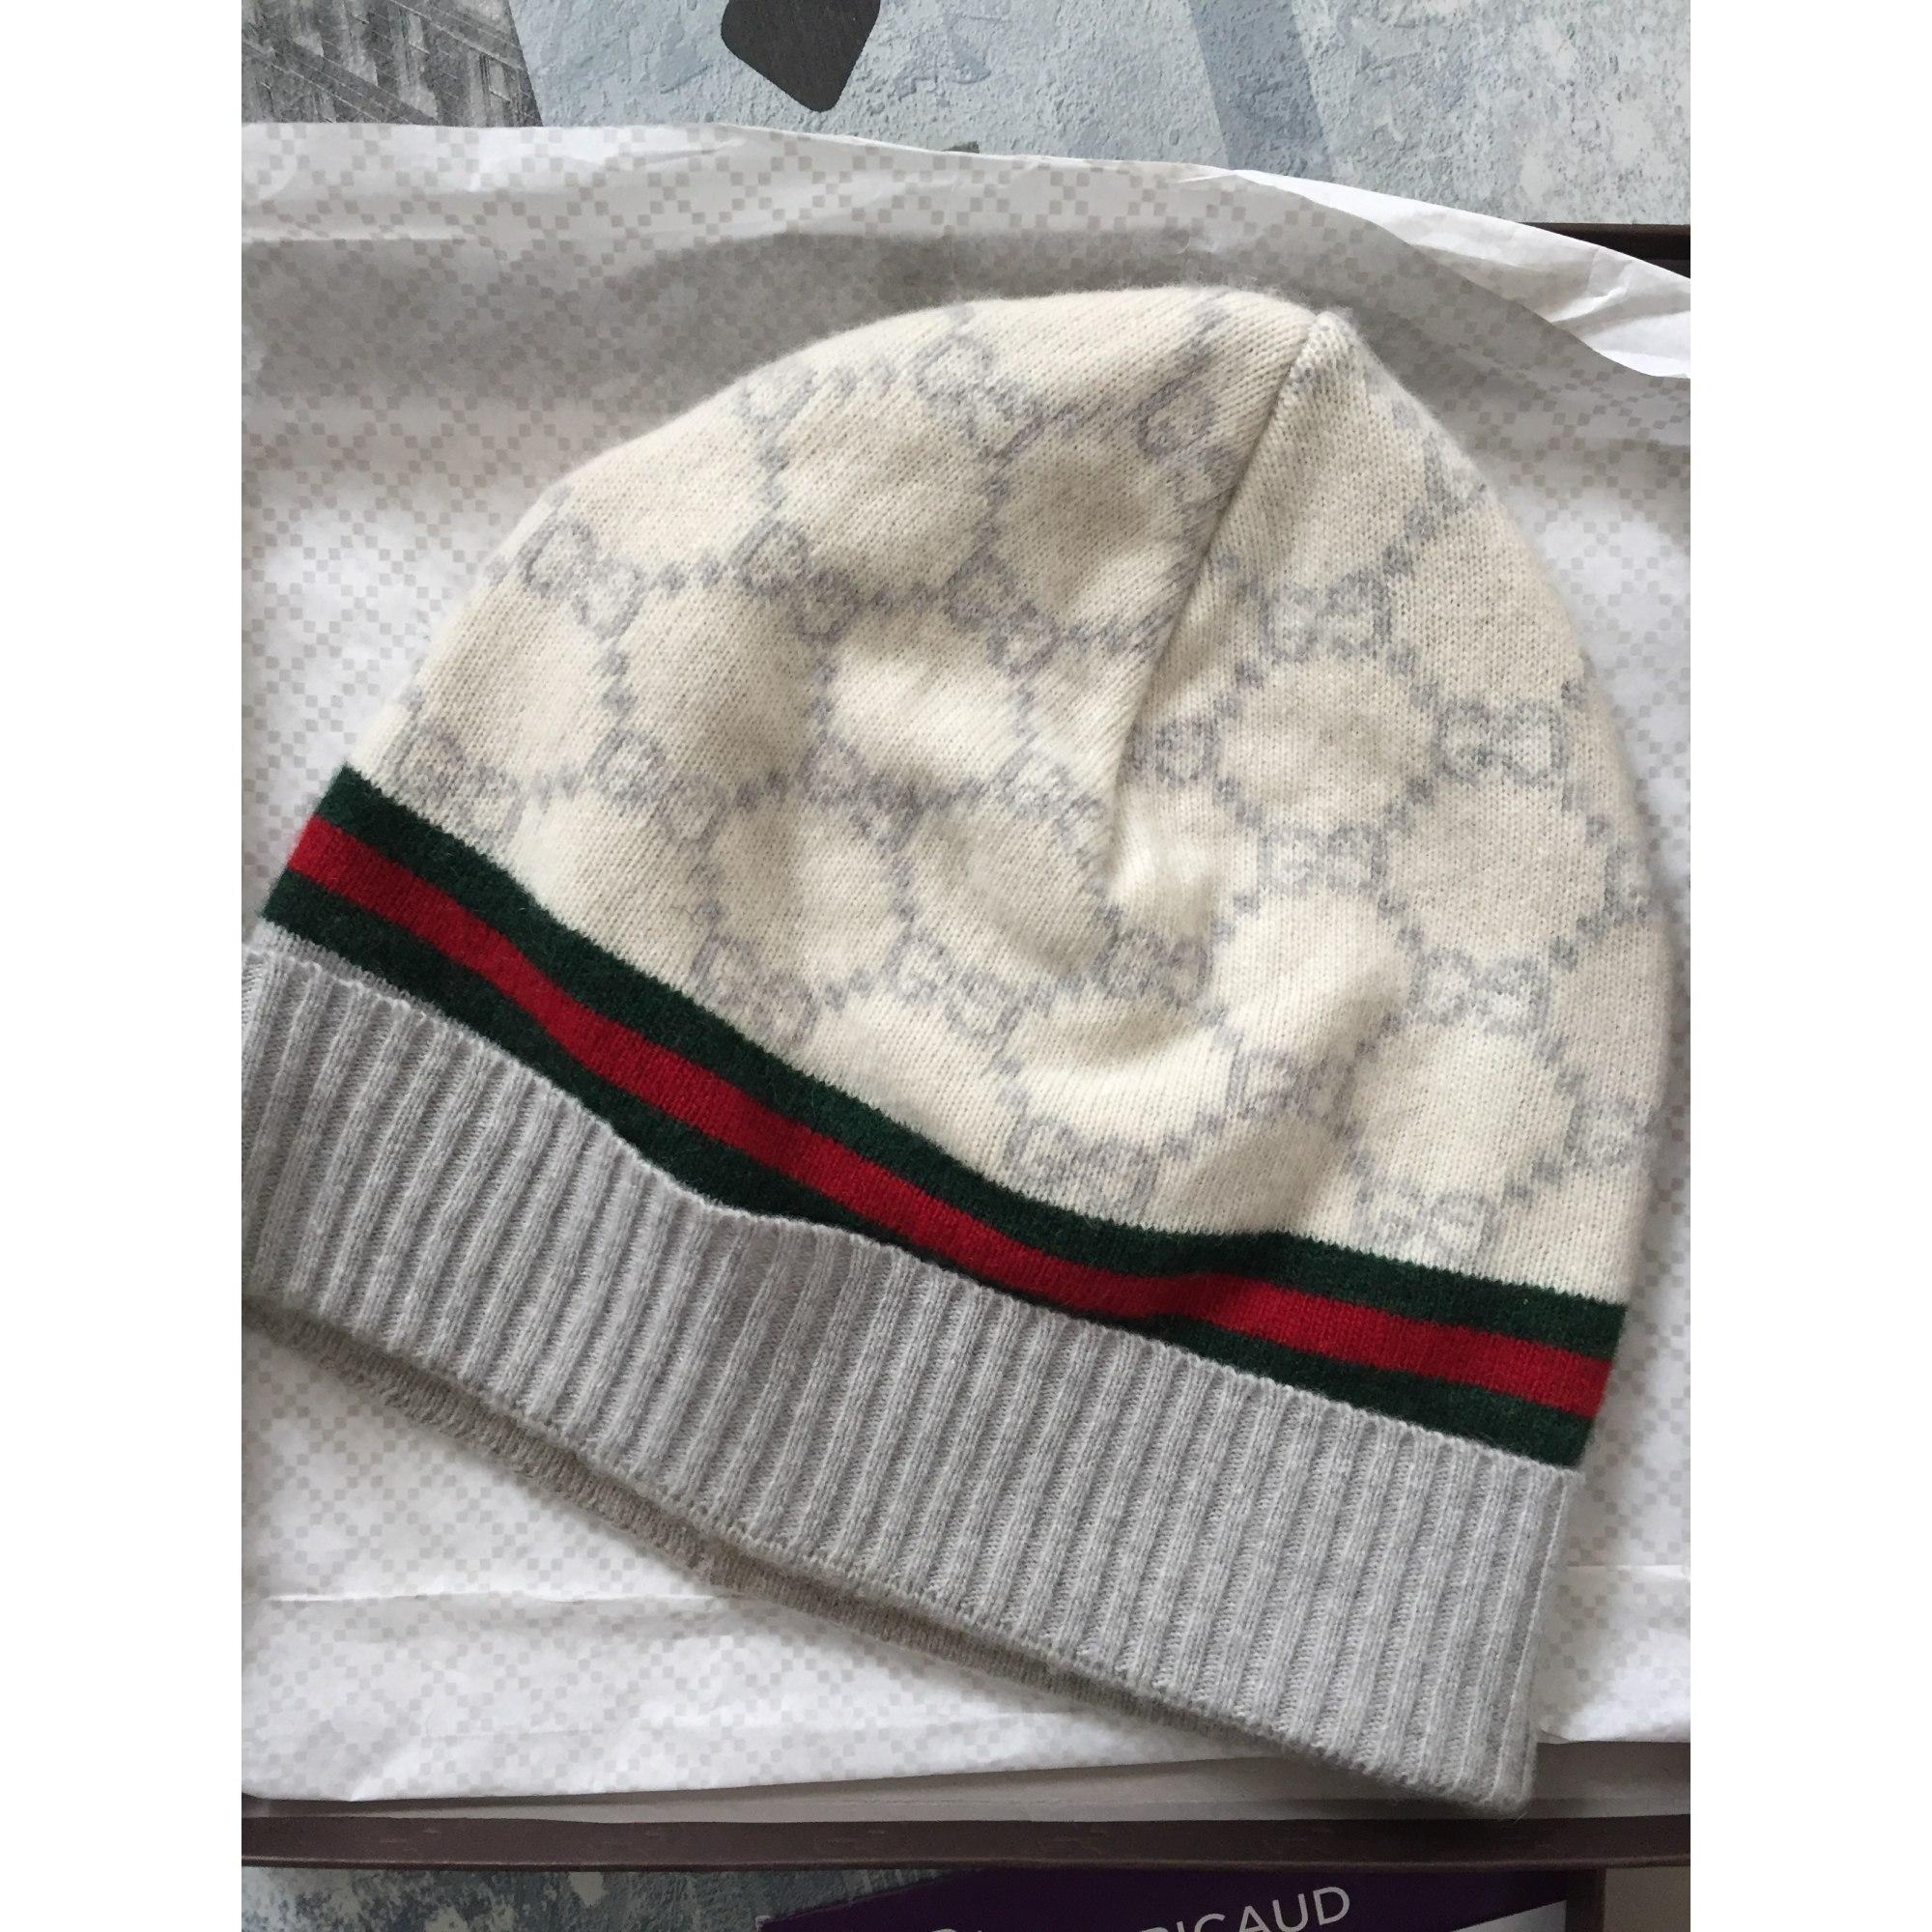 Bonnet GUCCI Taille unique blanc vendu par D yohann107008 - 5797470 e864fe4fd7f